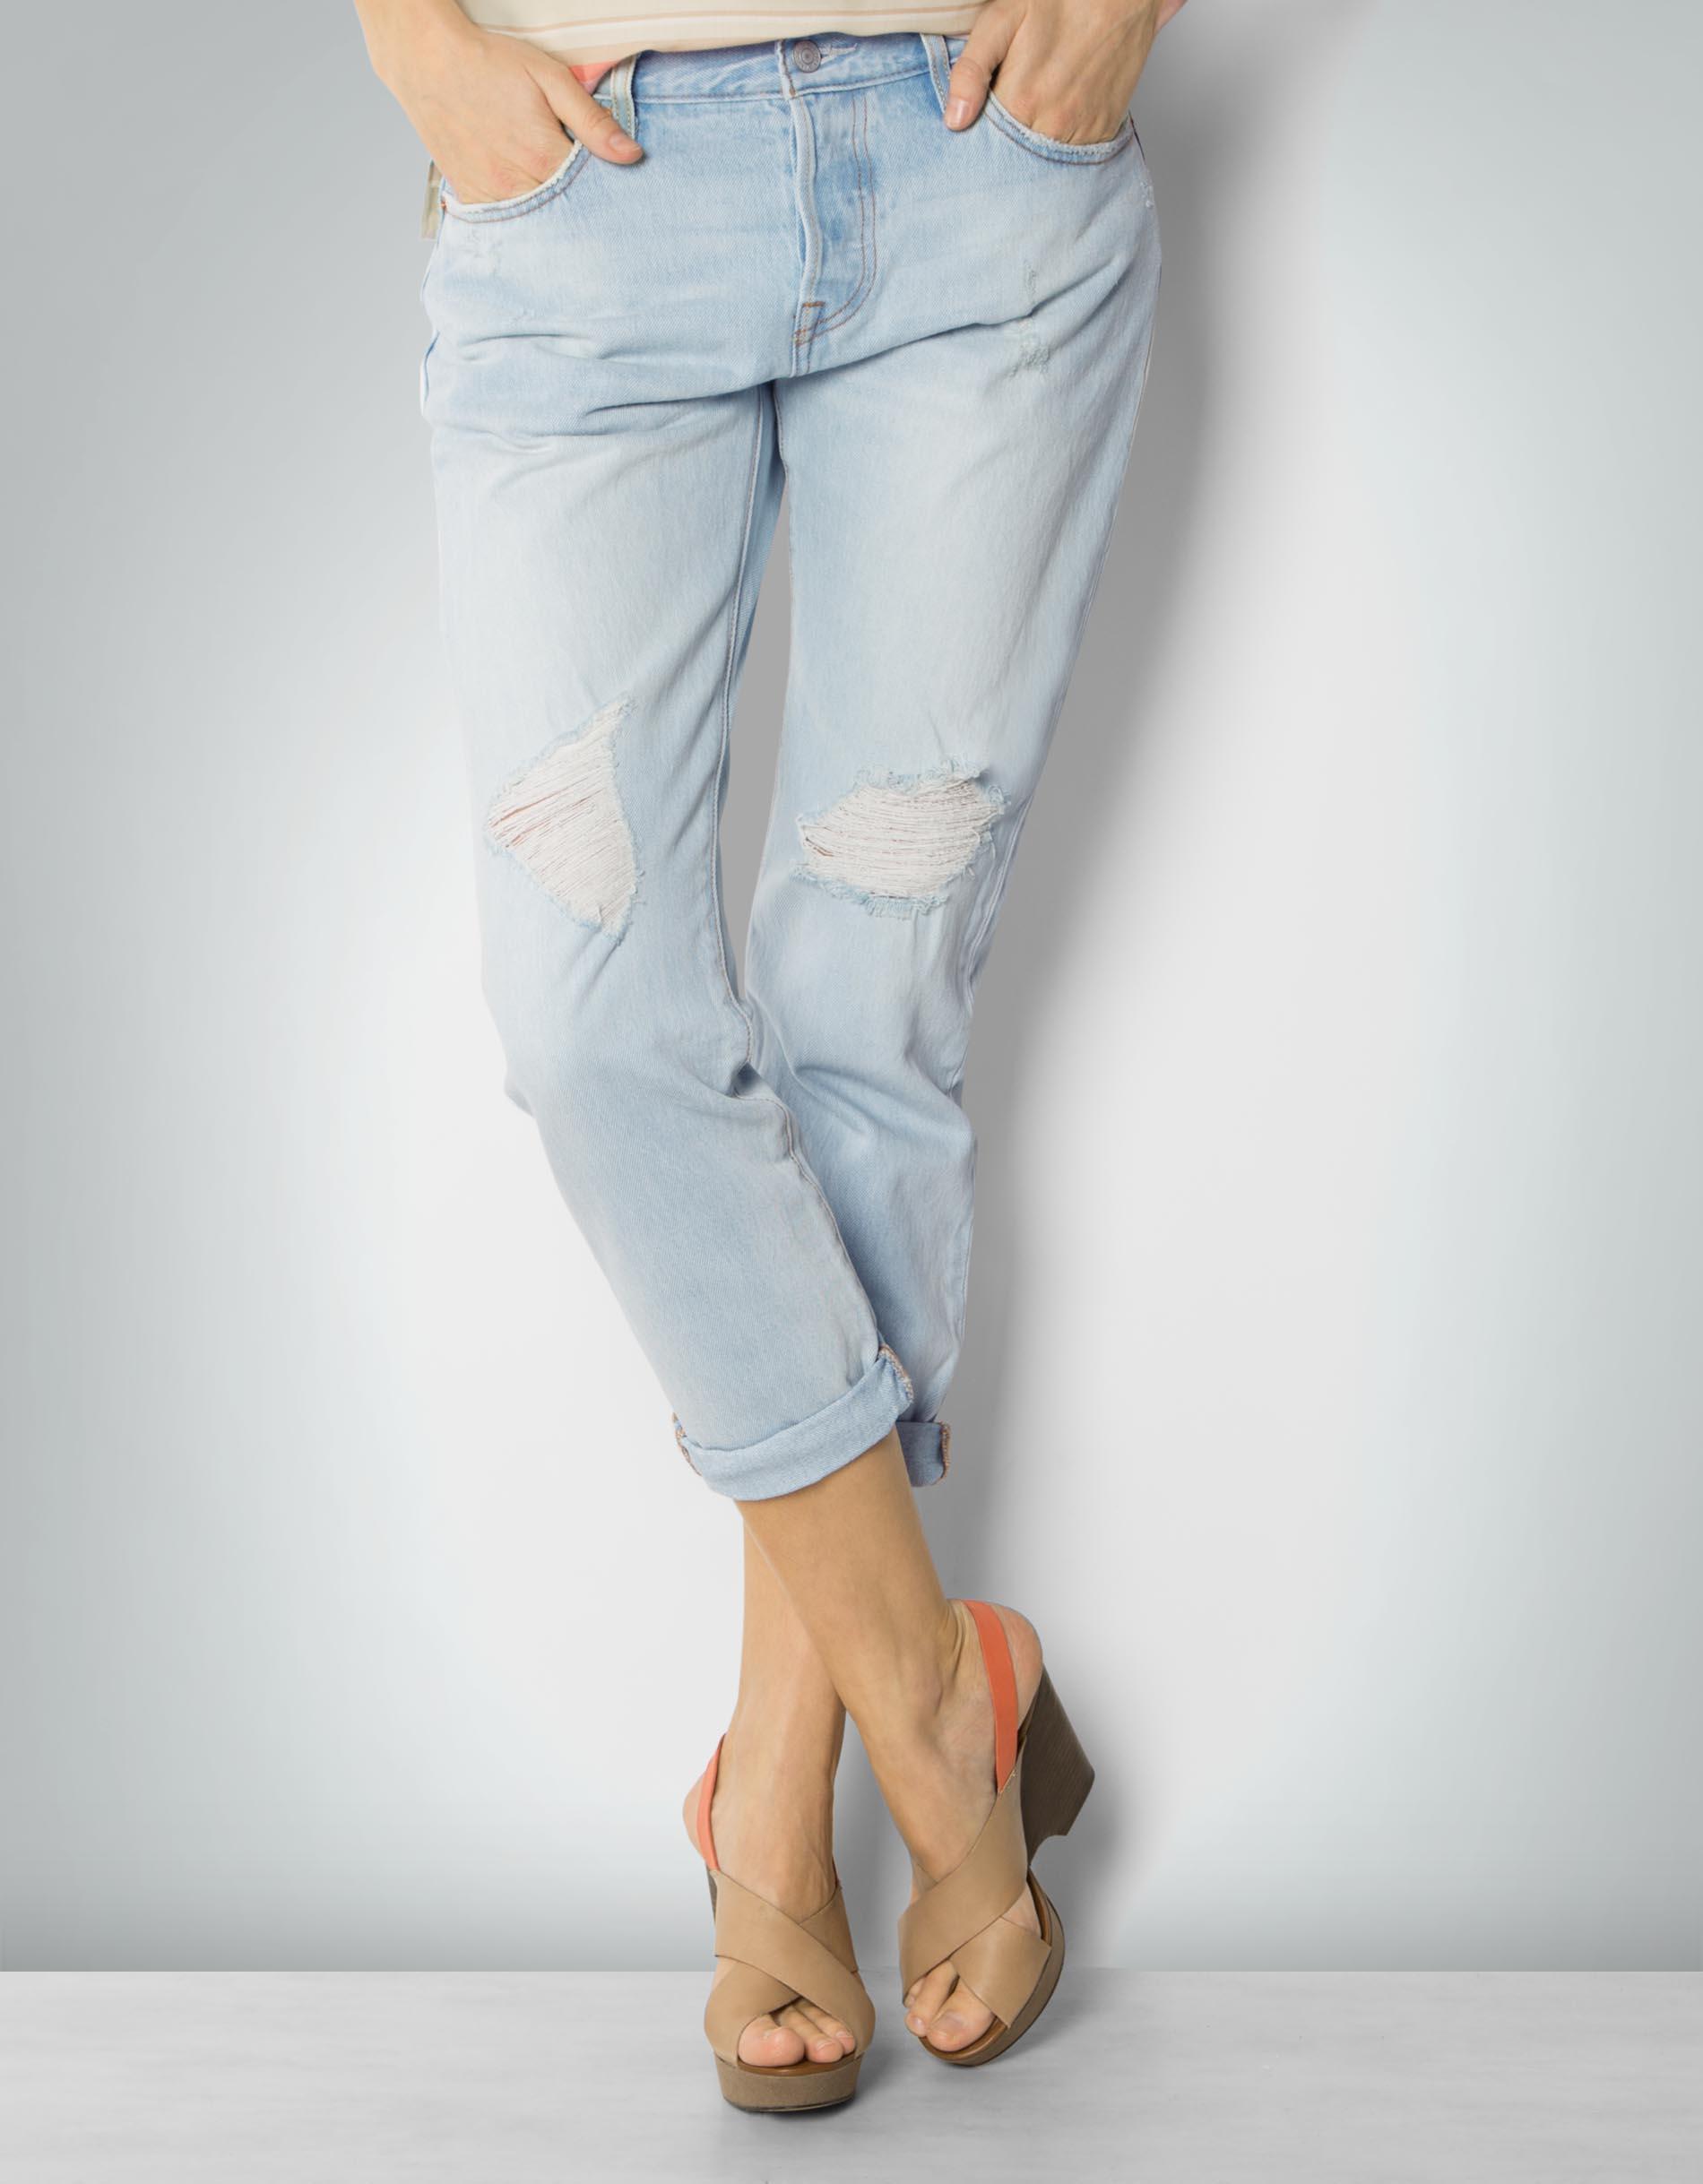 levi 39 s damen ct jeans old favorite mit tapered leg. Black Bedroom Furniture Sets. Home Design Ideas